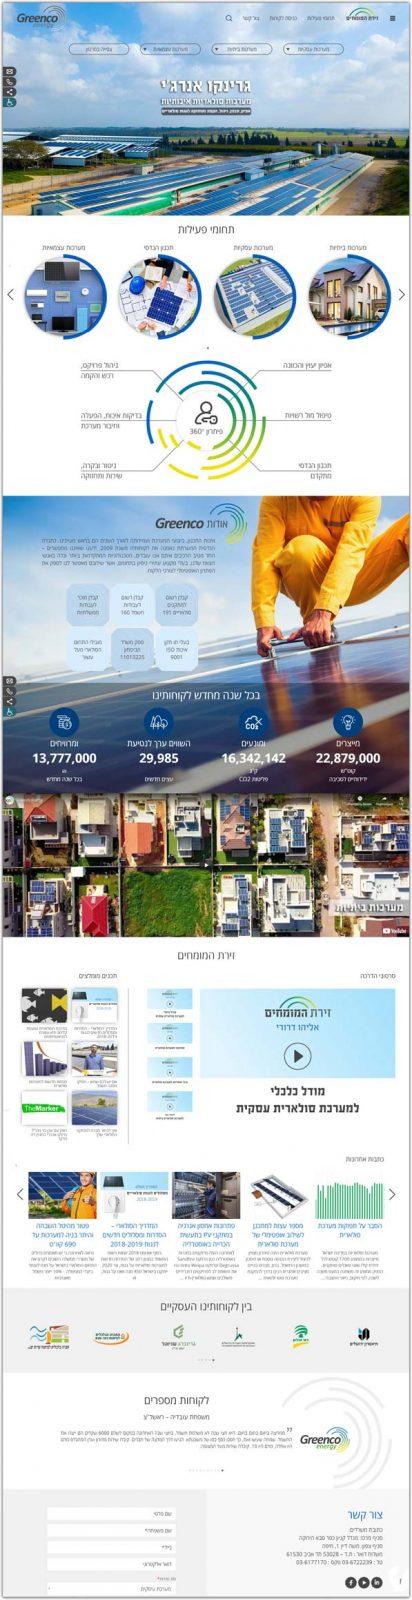 גרינקו אנרגי', בניית אתרים, עיצוב אתרים, פיתוח אתרים